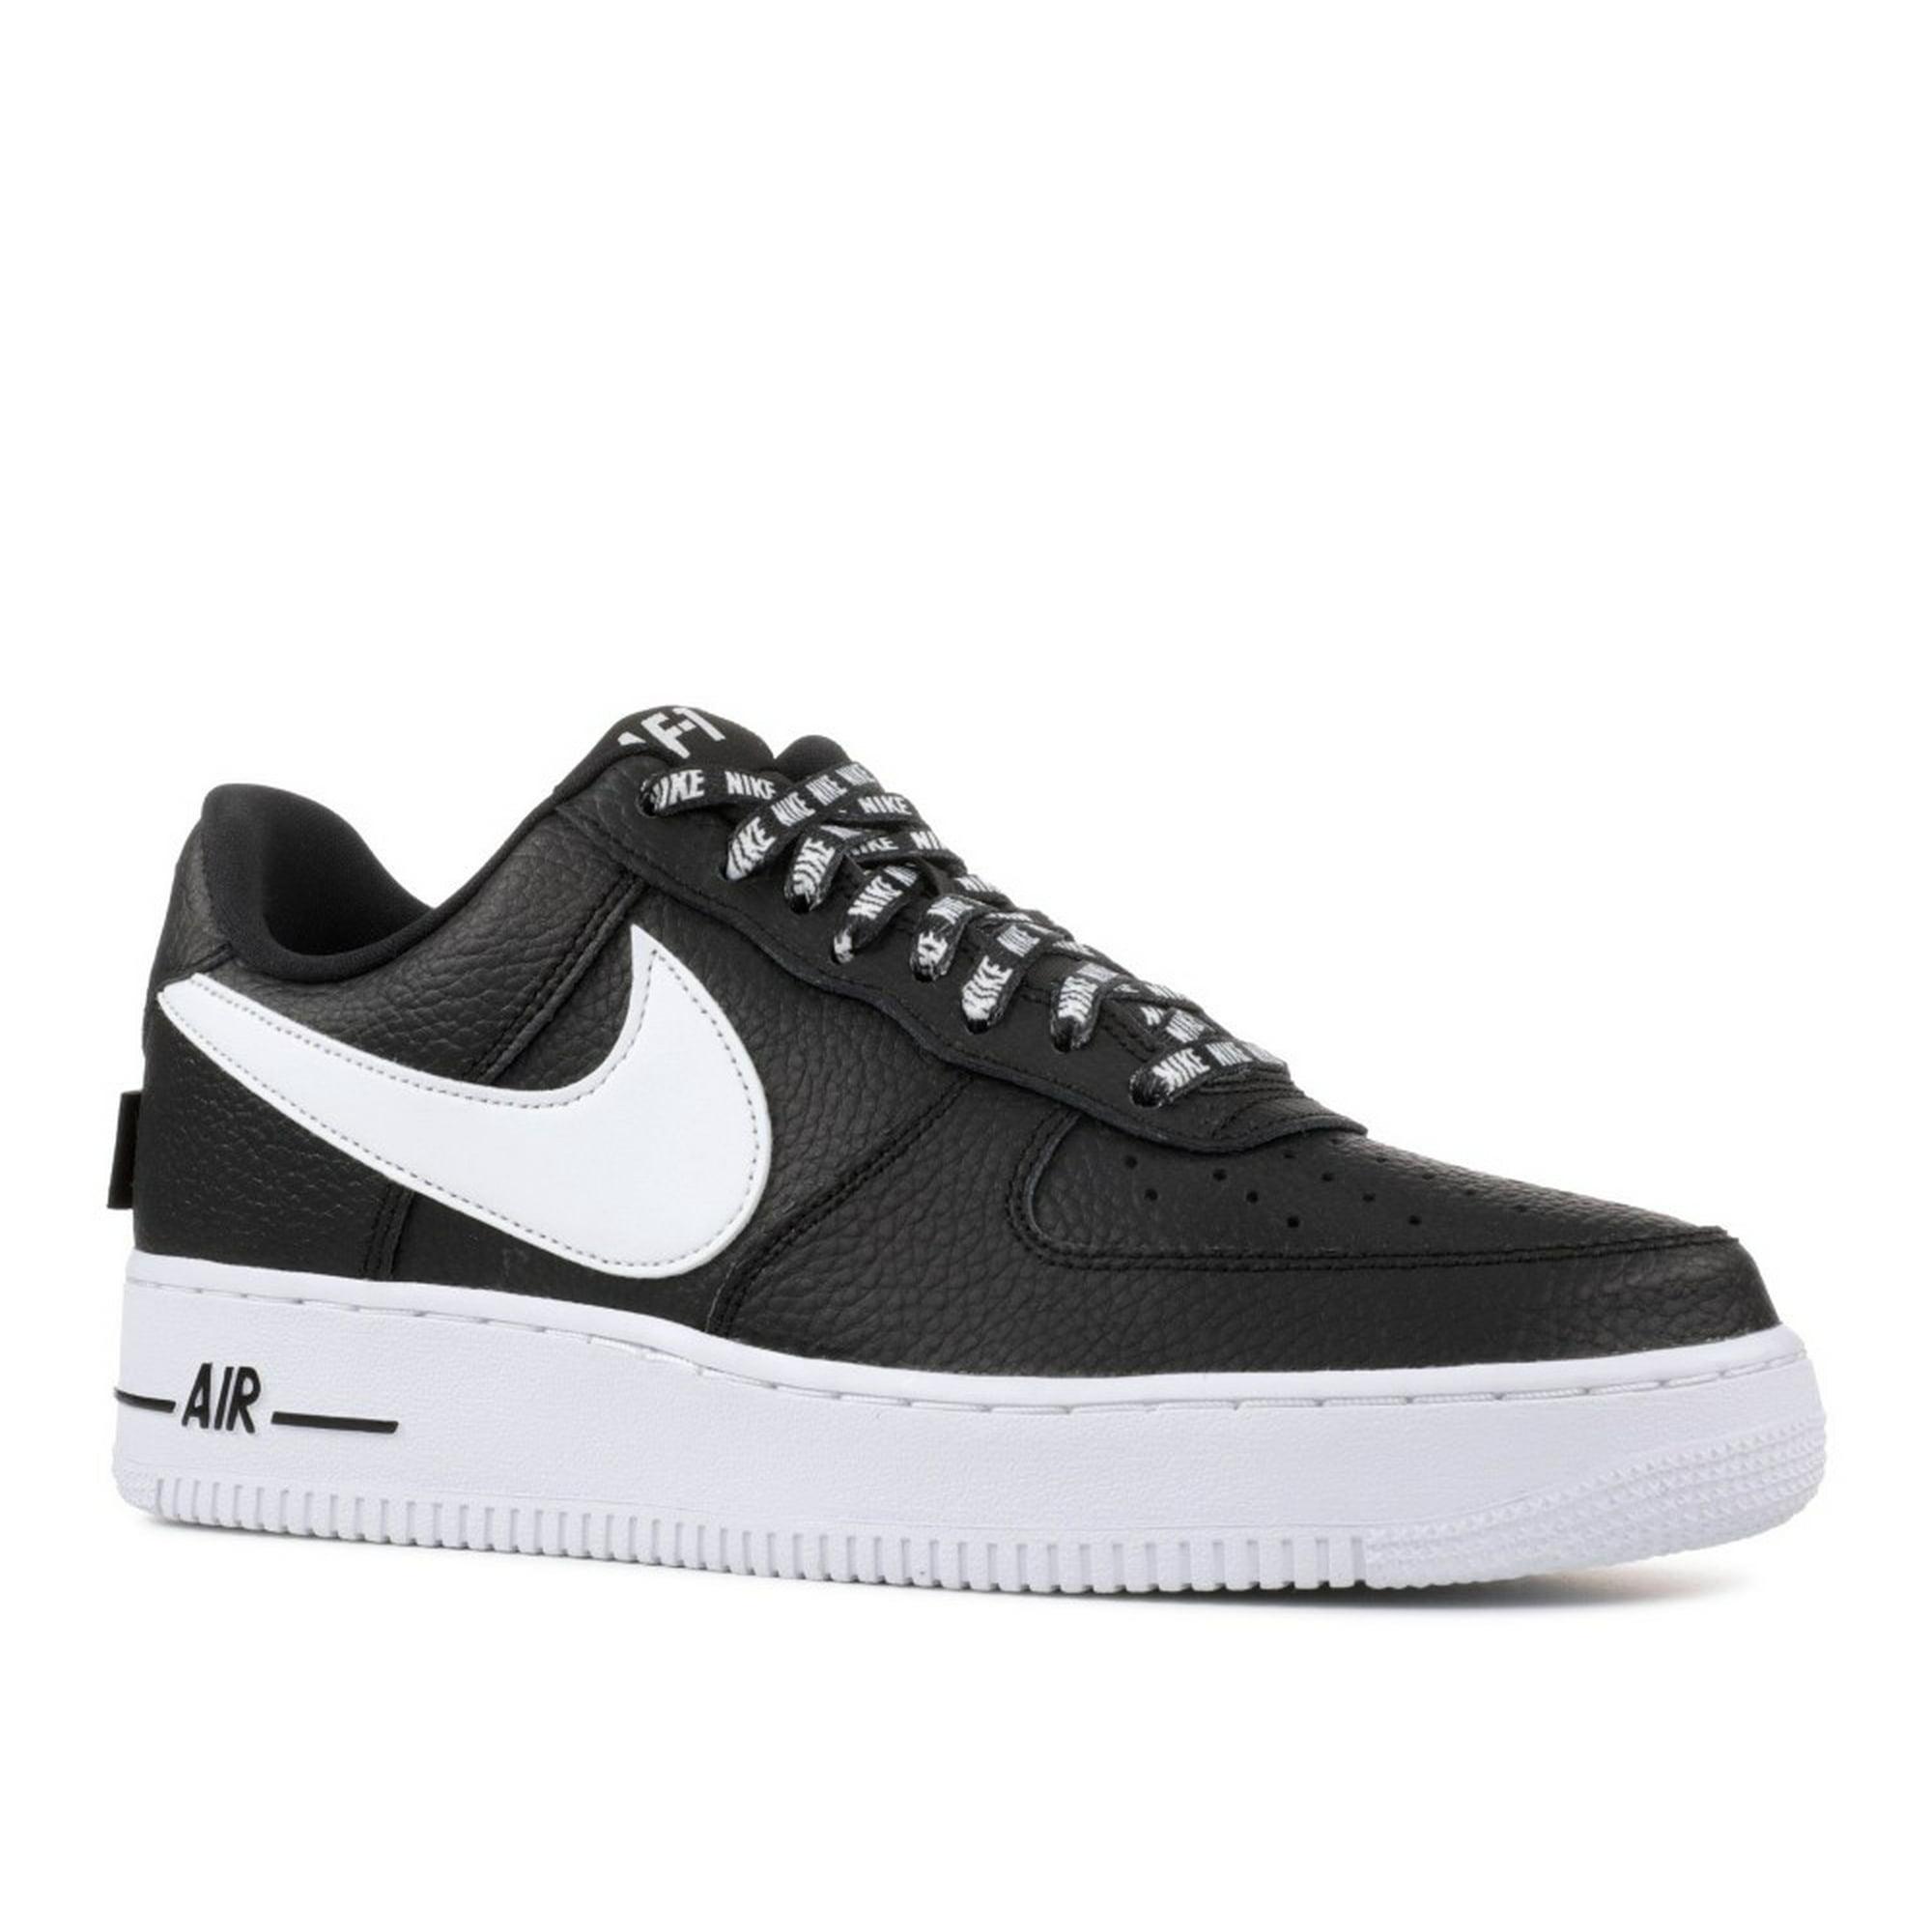 68068a745a910 Nike - Men - Air Force 1 '07 Lv8 'Nba' - 823511-007 - Size 12.5 | Walmart  Canada